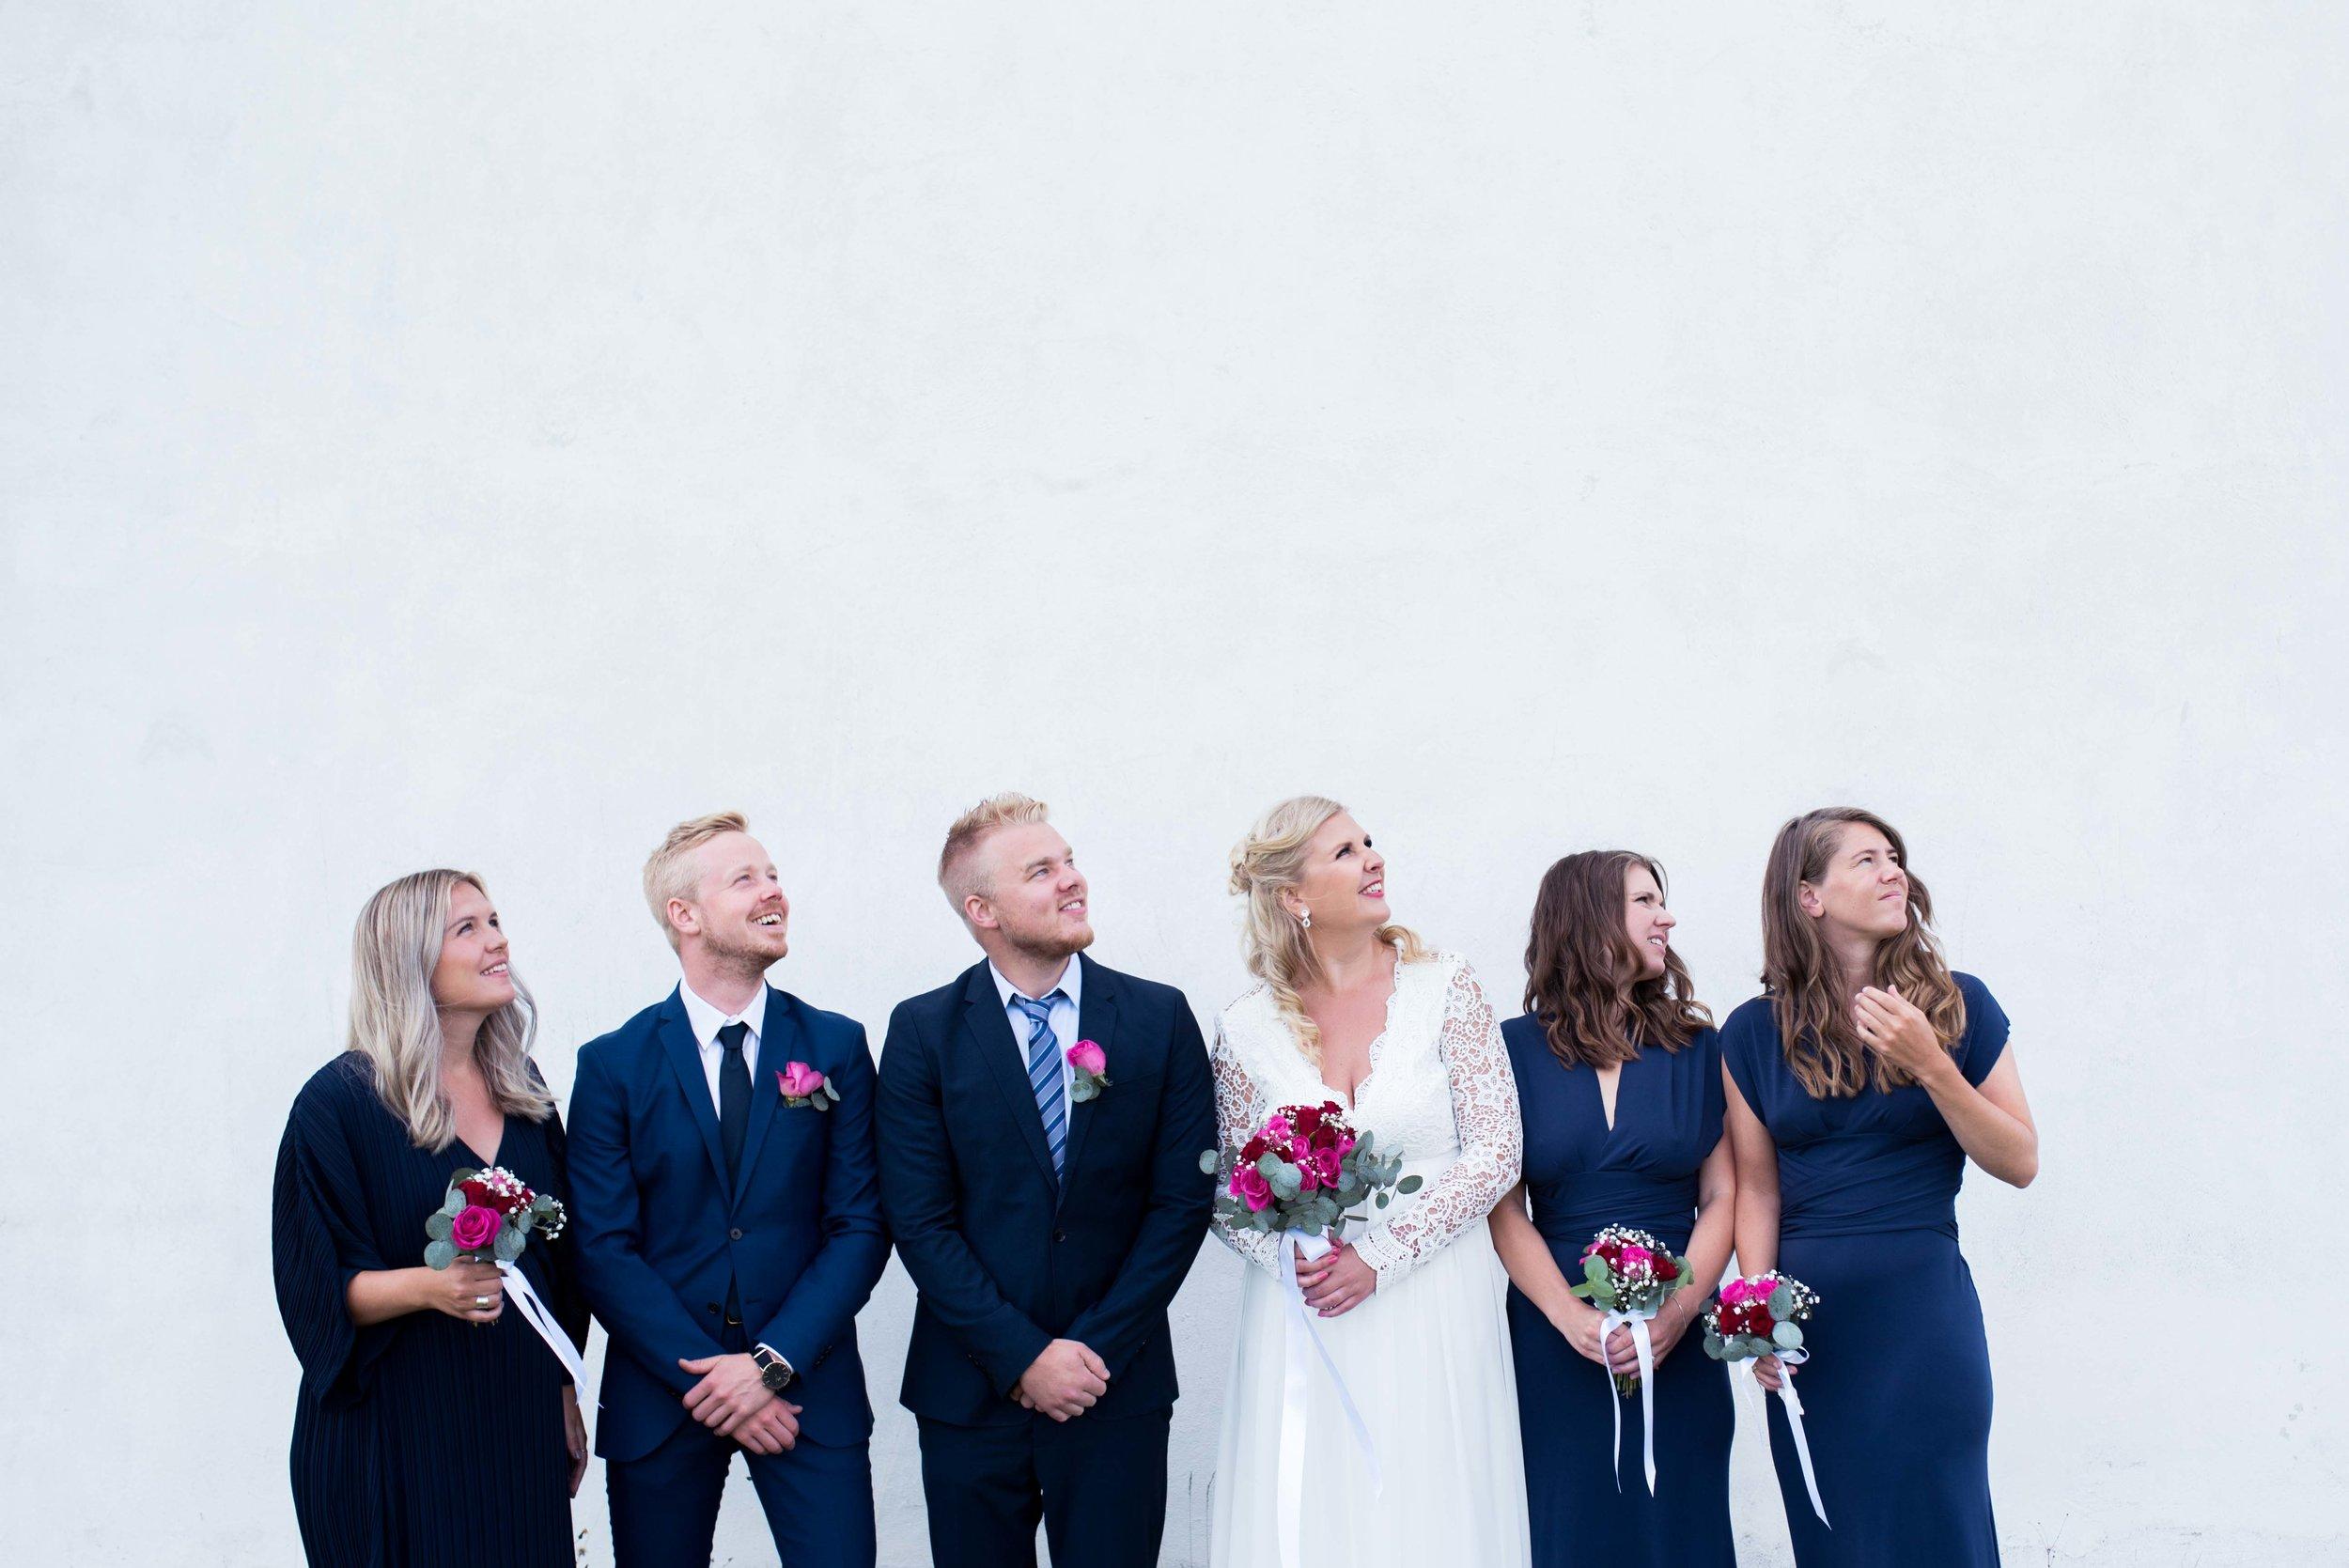 Bröllop2019lågkvall-5109.jpg